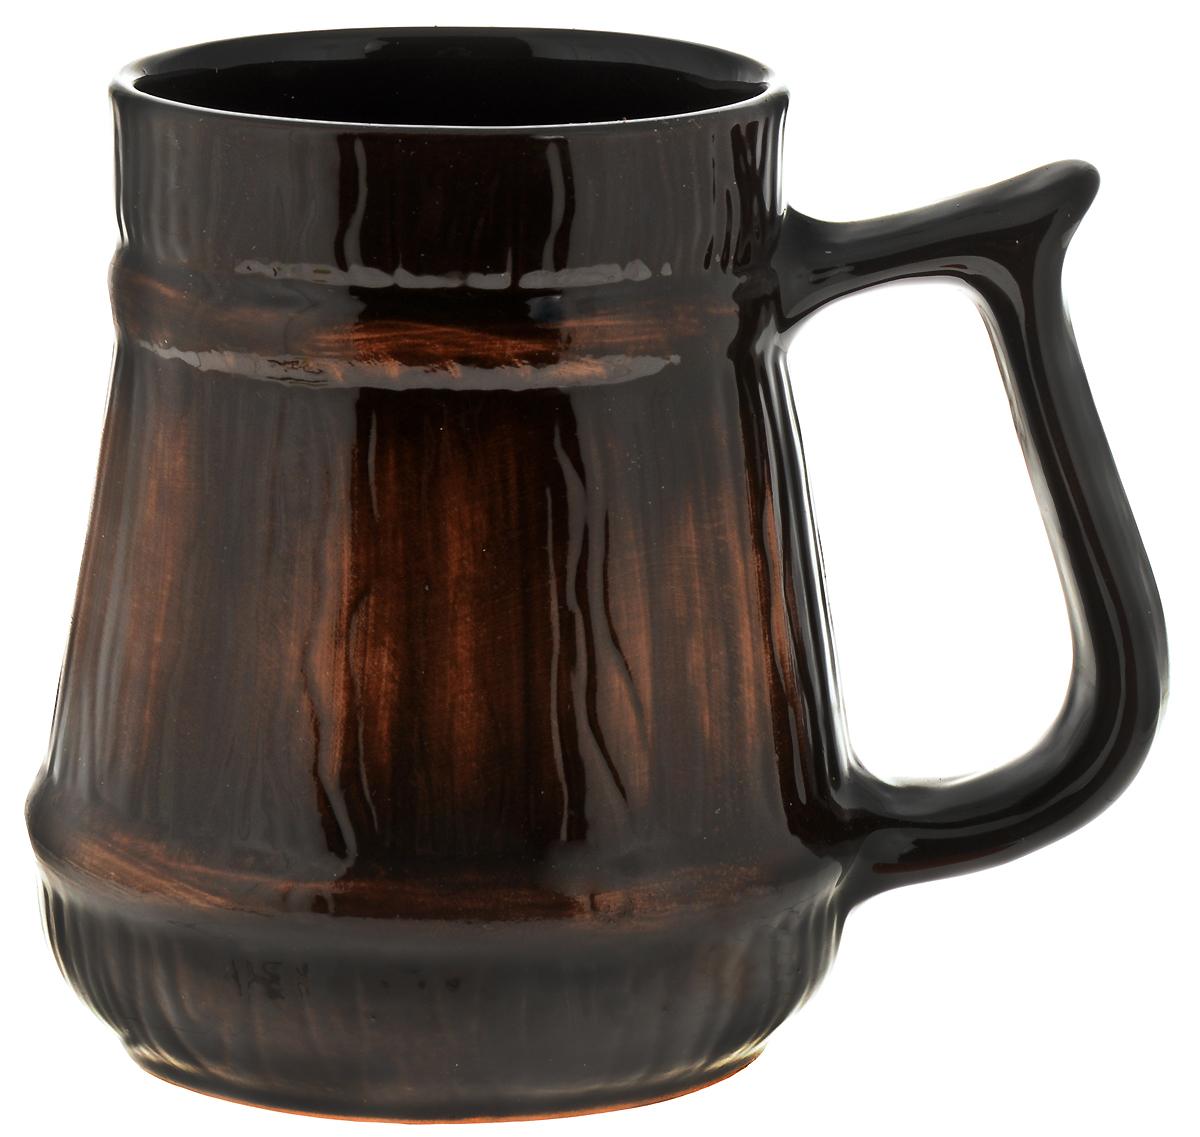 Кружка пивная Борисовская керамика Старина, цвет: темно-коричневый, 1,2 лСТР00000426Кружка пивная Борисовская керамика Старина изготовлена из высококачественной керамики и покрыта глазурью. Внешняя часть оформлена рельефом. Кружка дополнена удобной ручкой. Объем: 1,2 л.Диаметр основания: 10,5 см.Диаметр по верхнему краю: 10 см.Размер кружки с учетом ручки: 18 х 13,5 х 15 см.